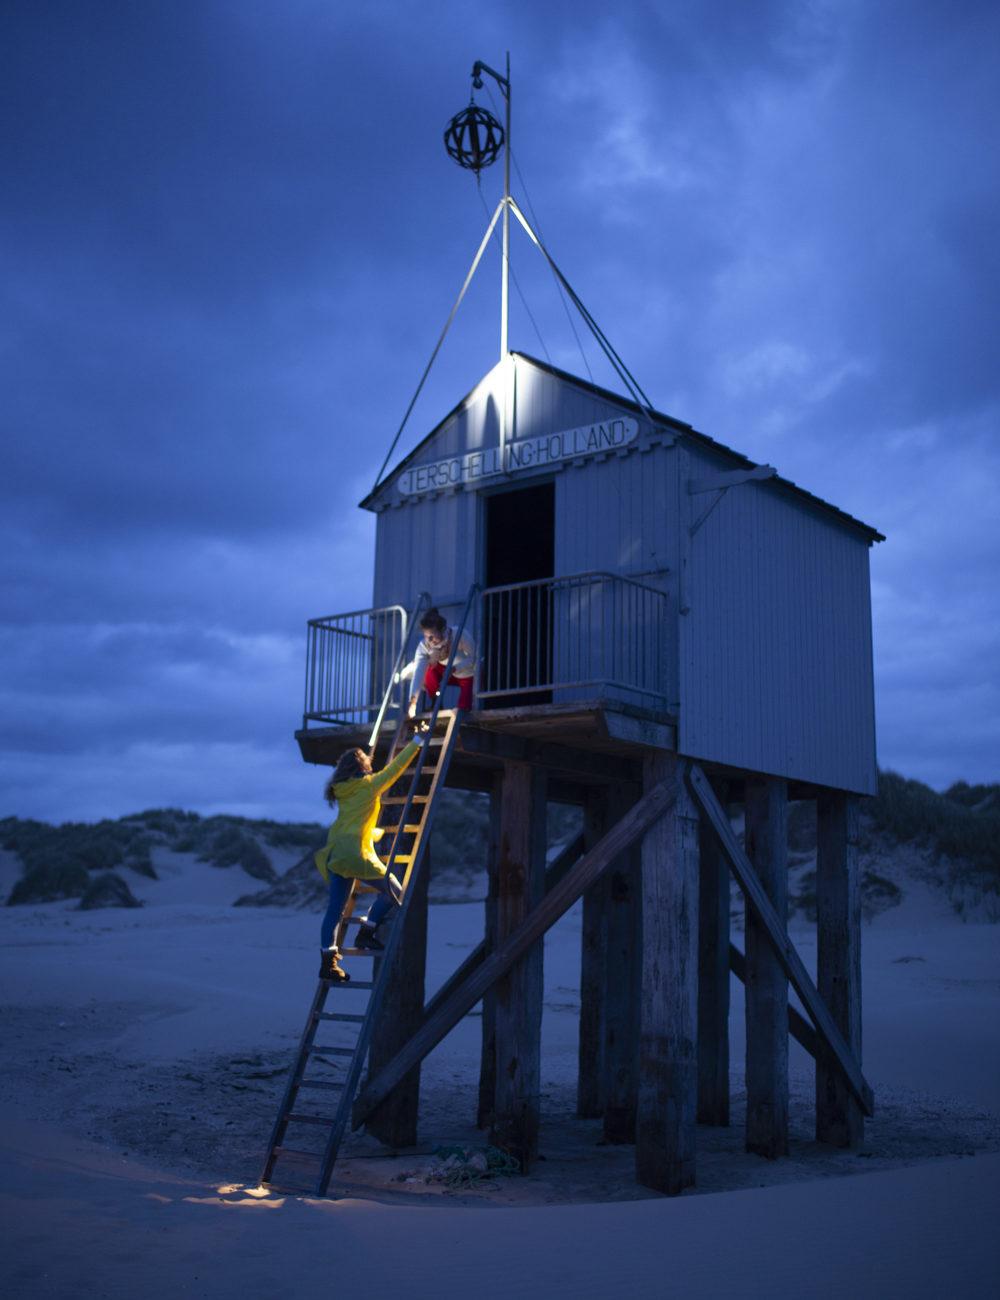 Een meisje beklimpt een ladder richting een huisje op het strand